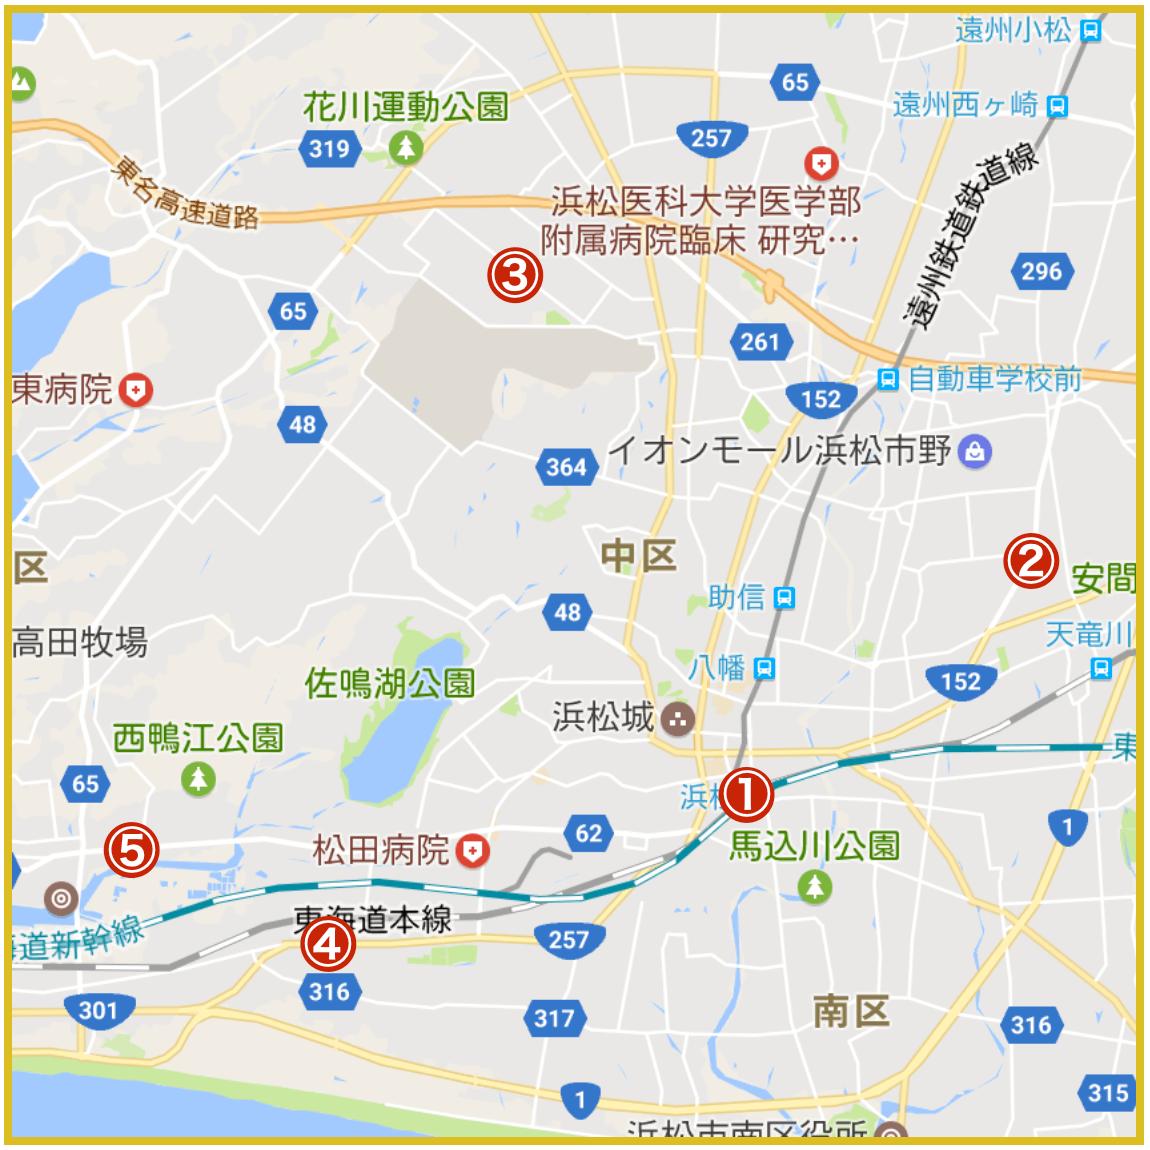 浜松市にあるプロミス店舗・ATMの位置(2020年版)